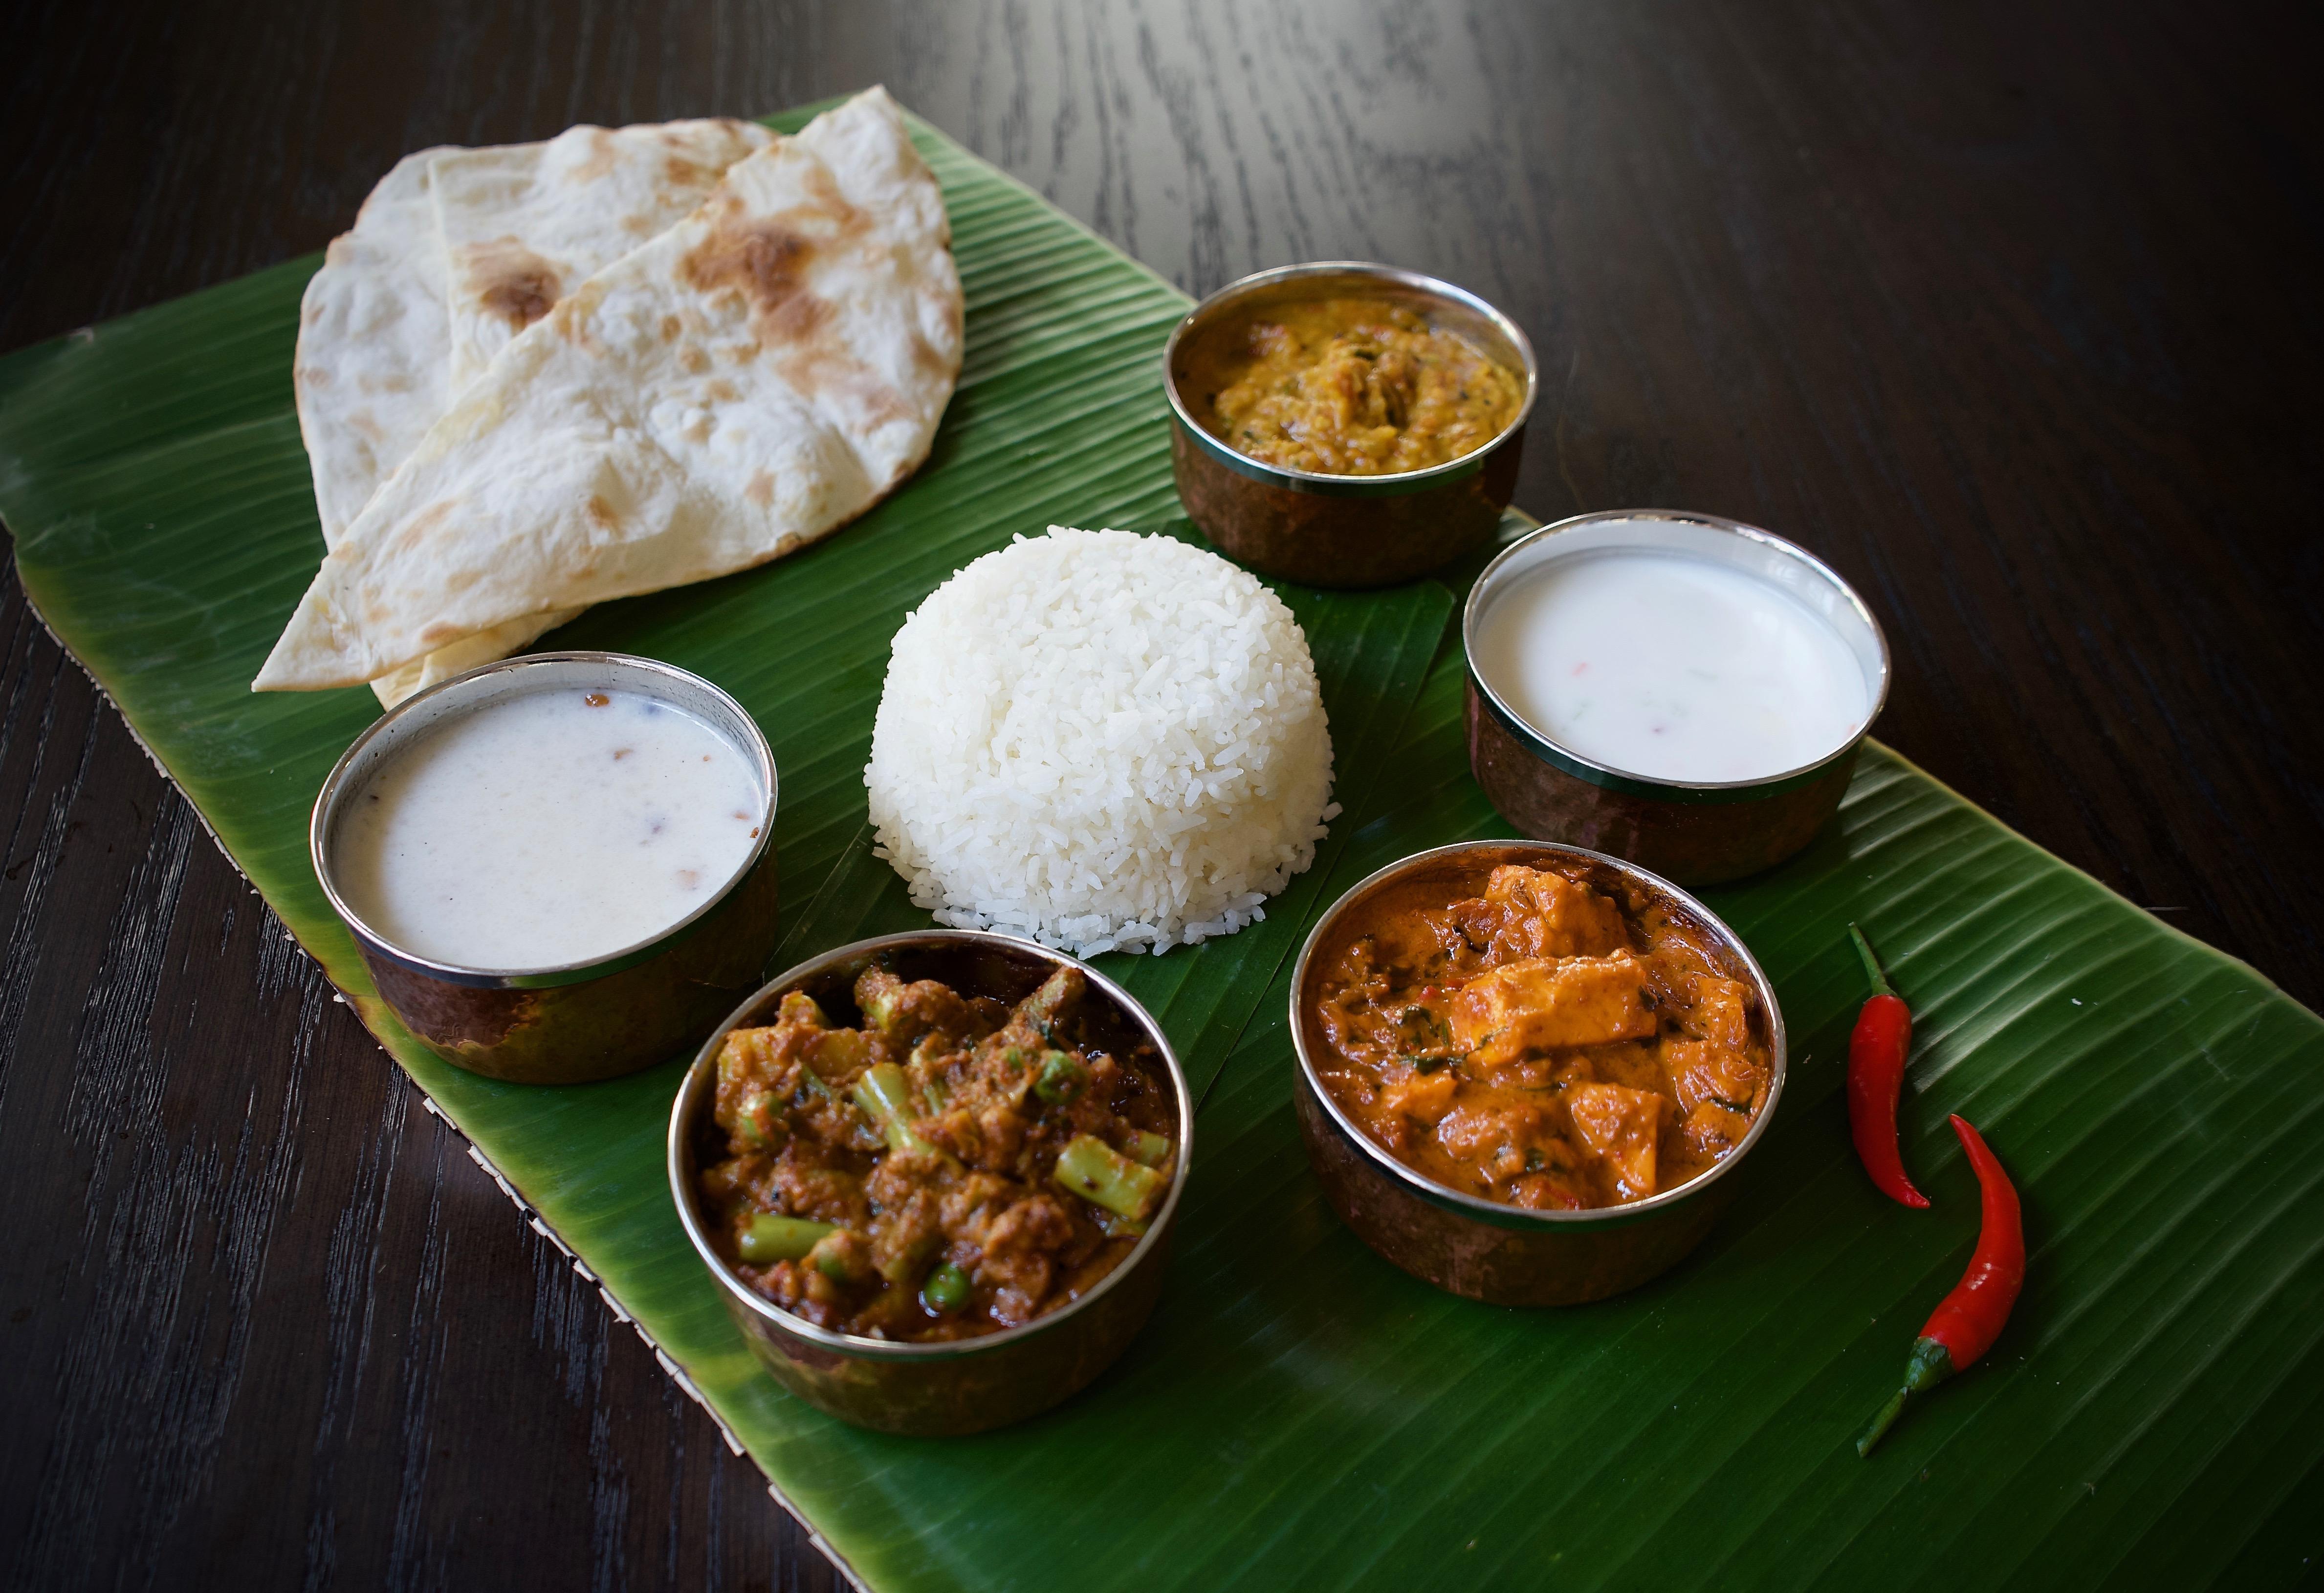 Order a Northern Thali at Baba's Kitchen